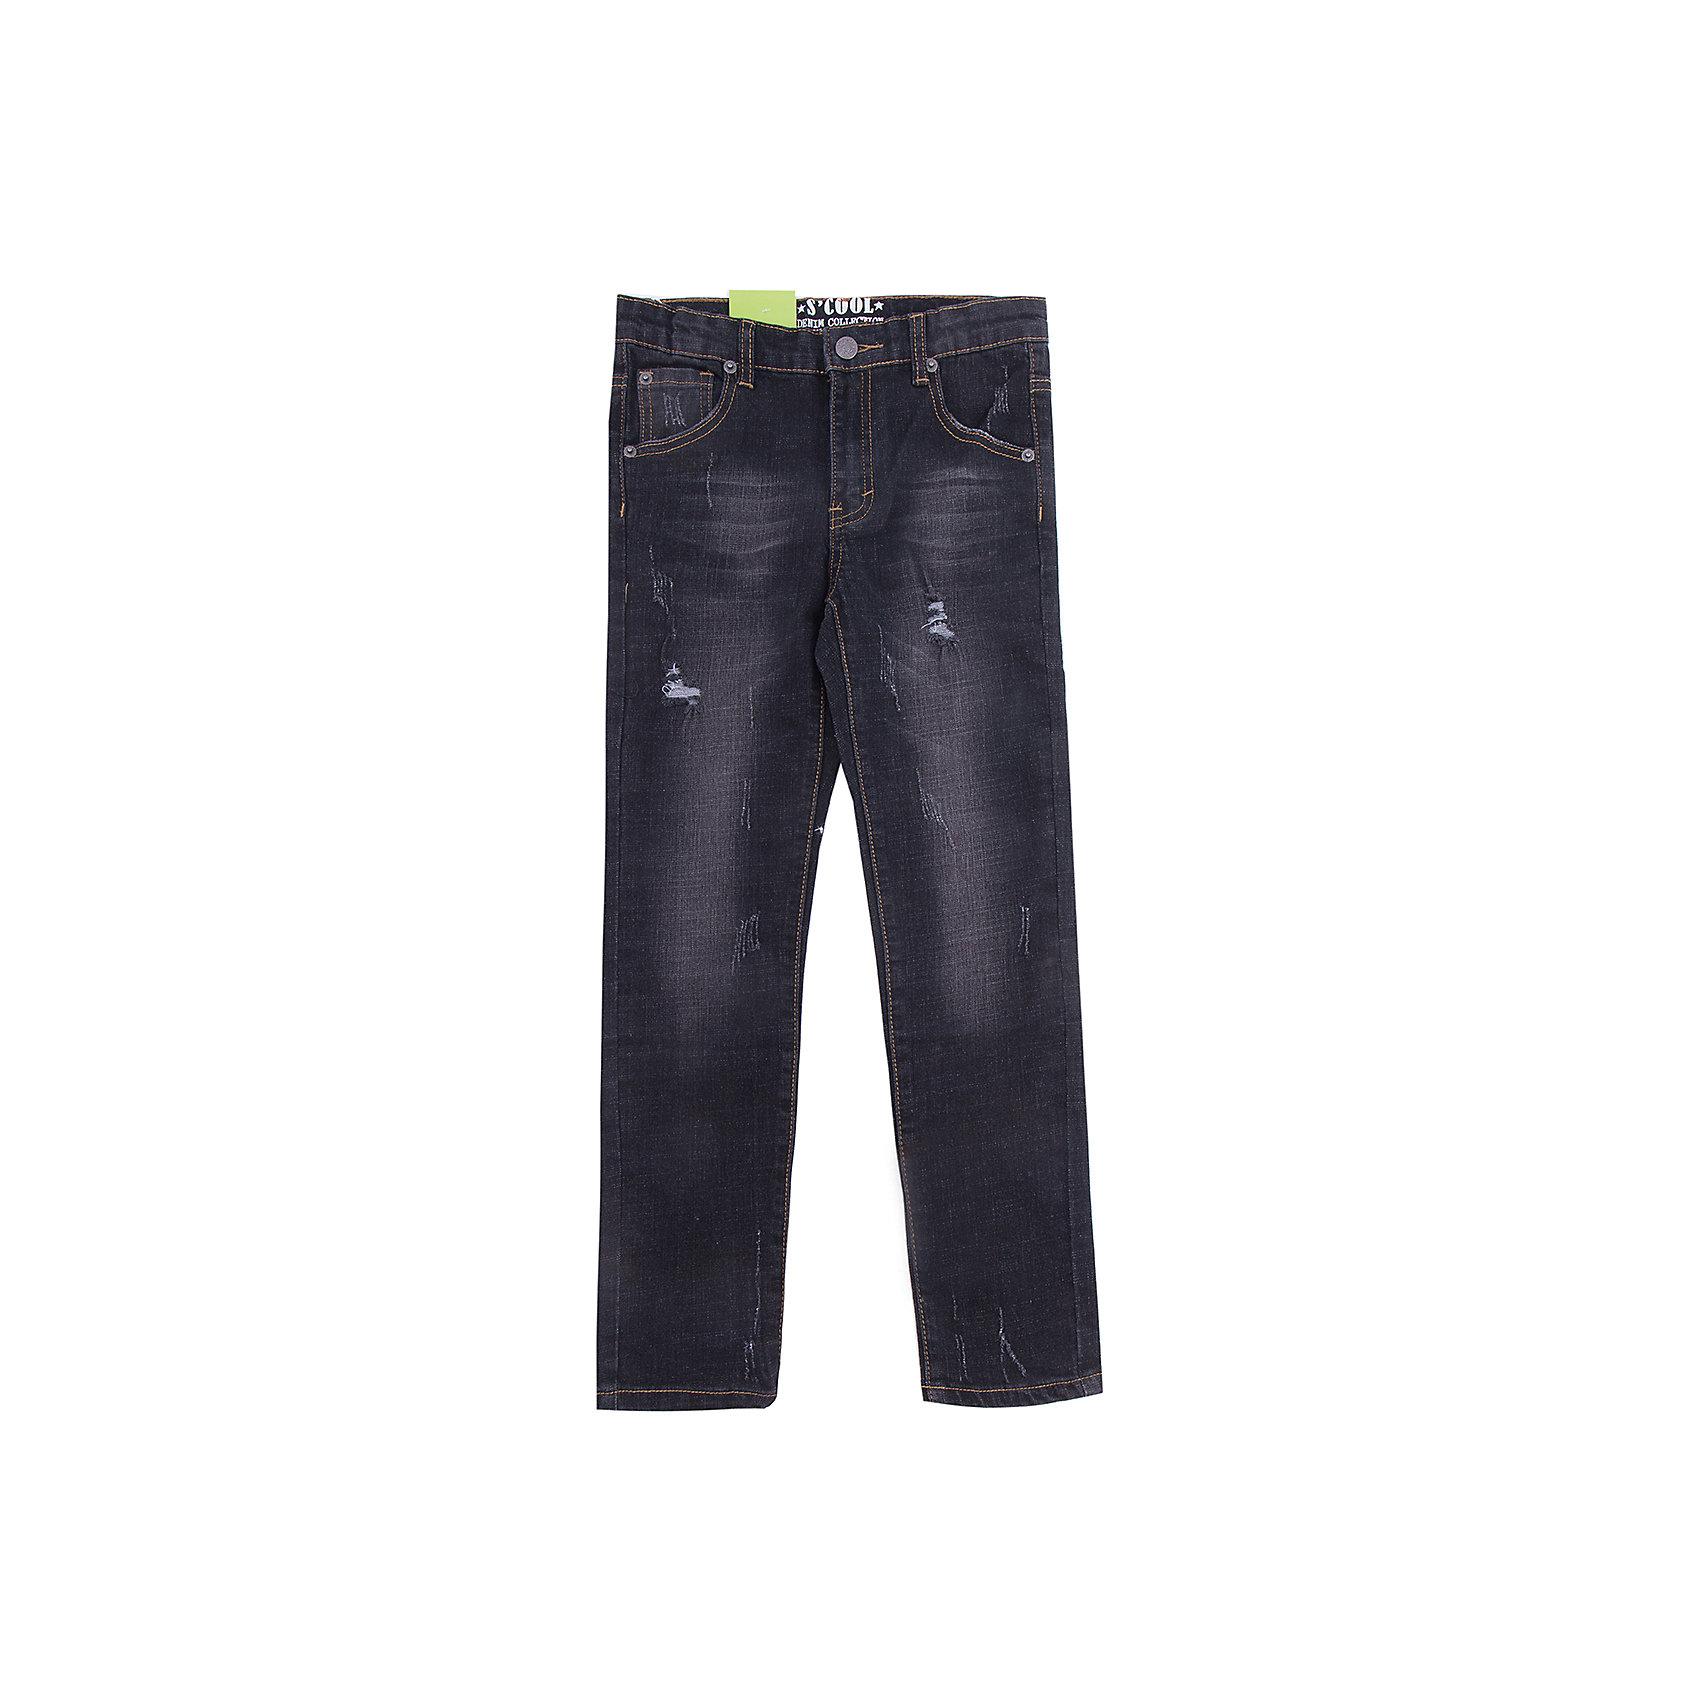 Джинсы Scool для мальчикаДжинсы<br>Джинсы Scool для мальчика<br>Брюки джинсы из наттурального хлопка. Классическая модель со шлевками. При необходимости можно использовать ремень. В качестве декора использованы потертости.<br>Состав:<br>98% хлопок, 2% эластан<br><br>Ширина мм: 215<br>Глубина мм: 88<br>Высота мм: 191<br>Вес г: 336<br>Цвет: черный<br>Возраст от месяцев: 156<br>Возраст до месяцев: 168<br>Пол: Мужской<br>Возраст: Детский<br>Размер: 164,134,140,146,152,158<br>SKU: 7104751